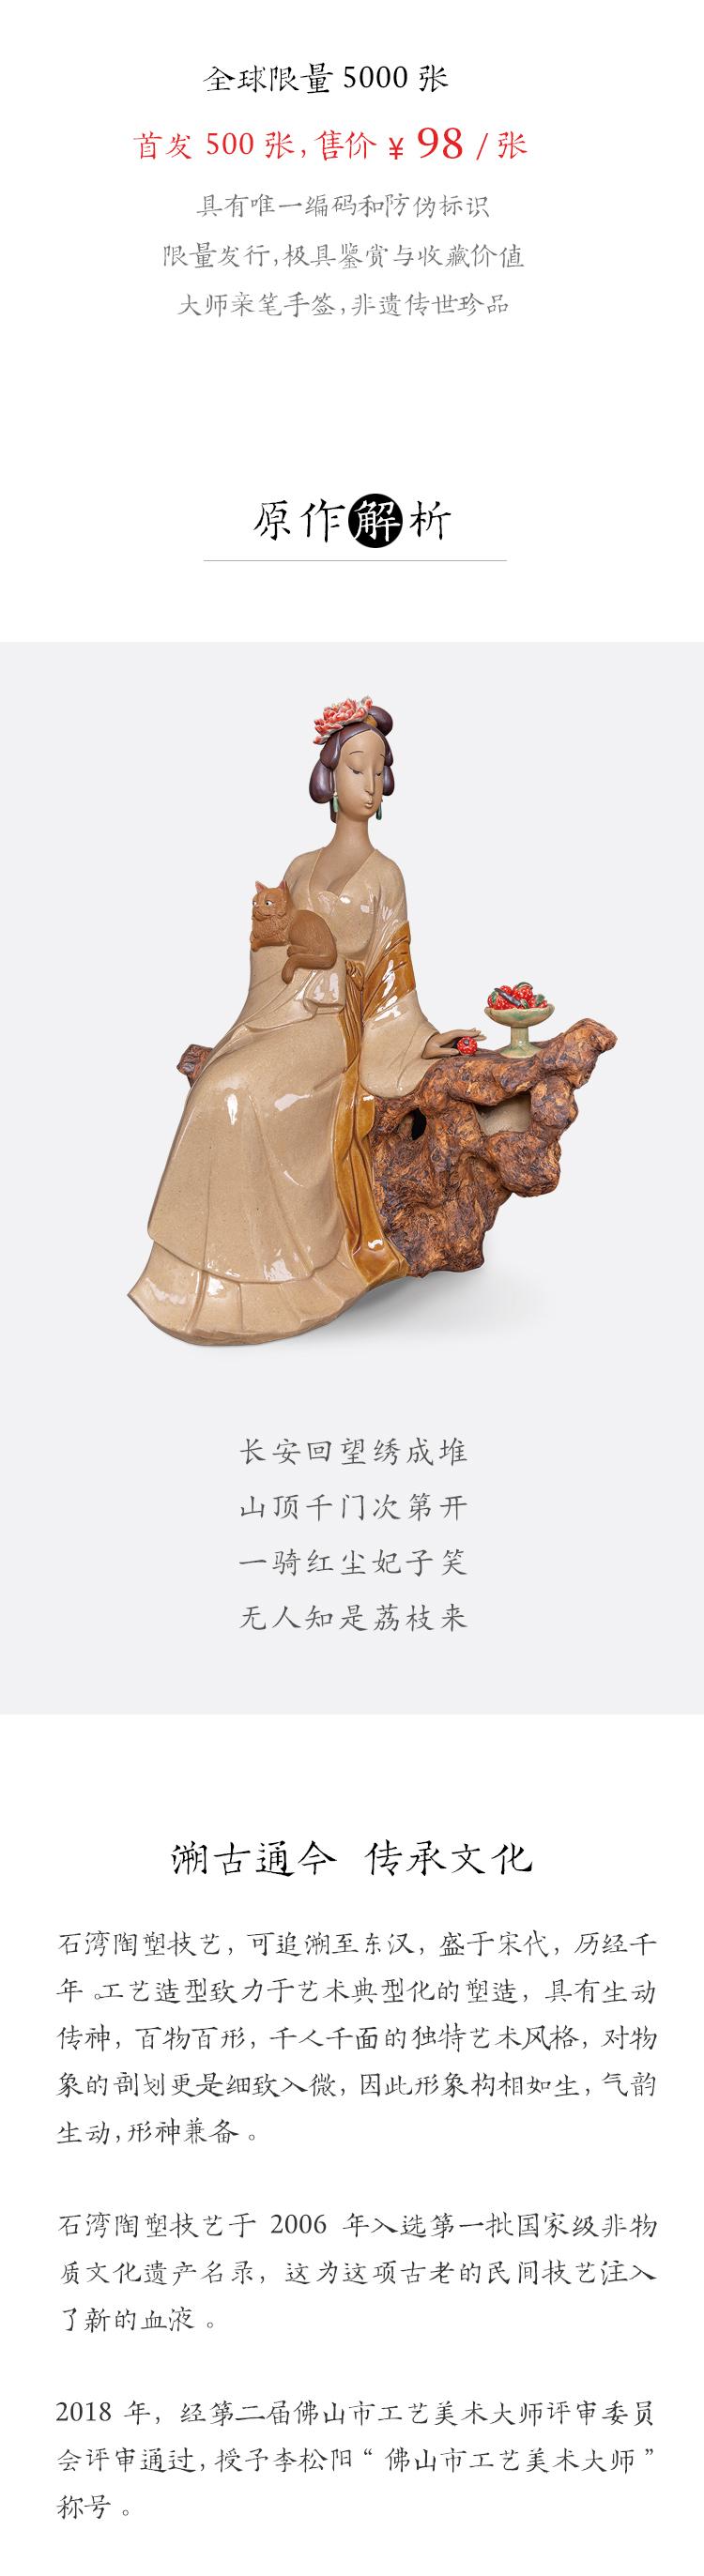 国色天香_02.jpg